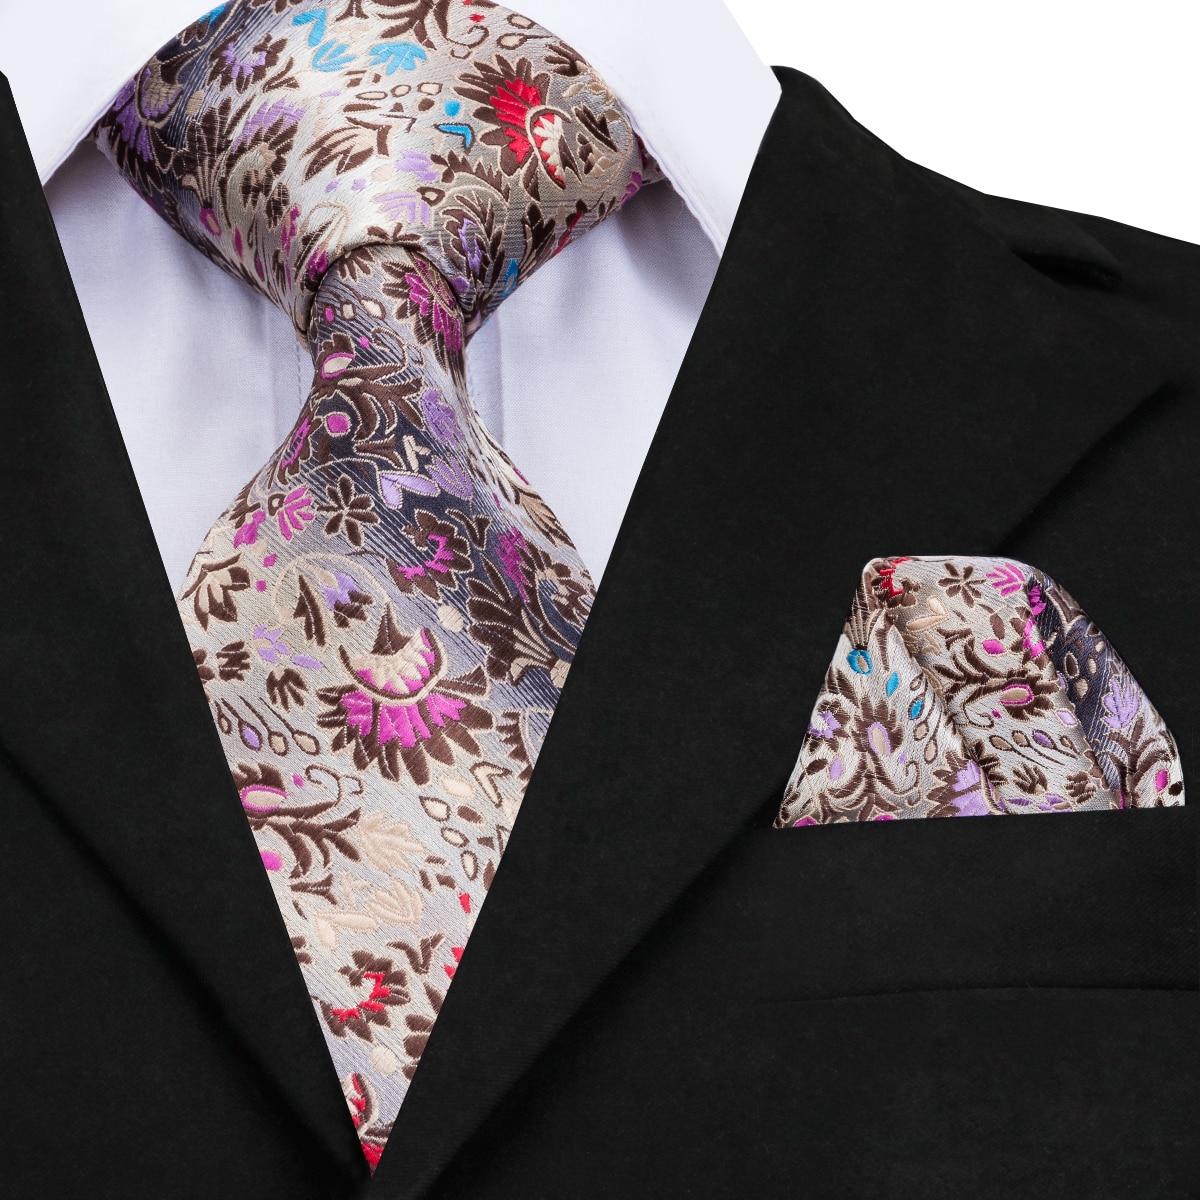 Hallo-Krawatte Neue Mode Floral Krawatte Luxus Seide Krawatten für Männer 160 cm lange Hohe Qualität Herren Krawatten Cravatas 8 cm Breiten Männlichen Krawatte CZ-006